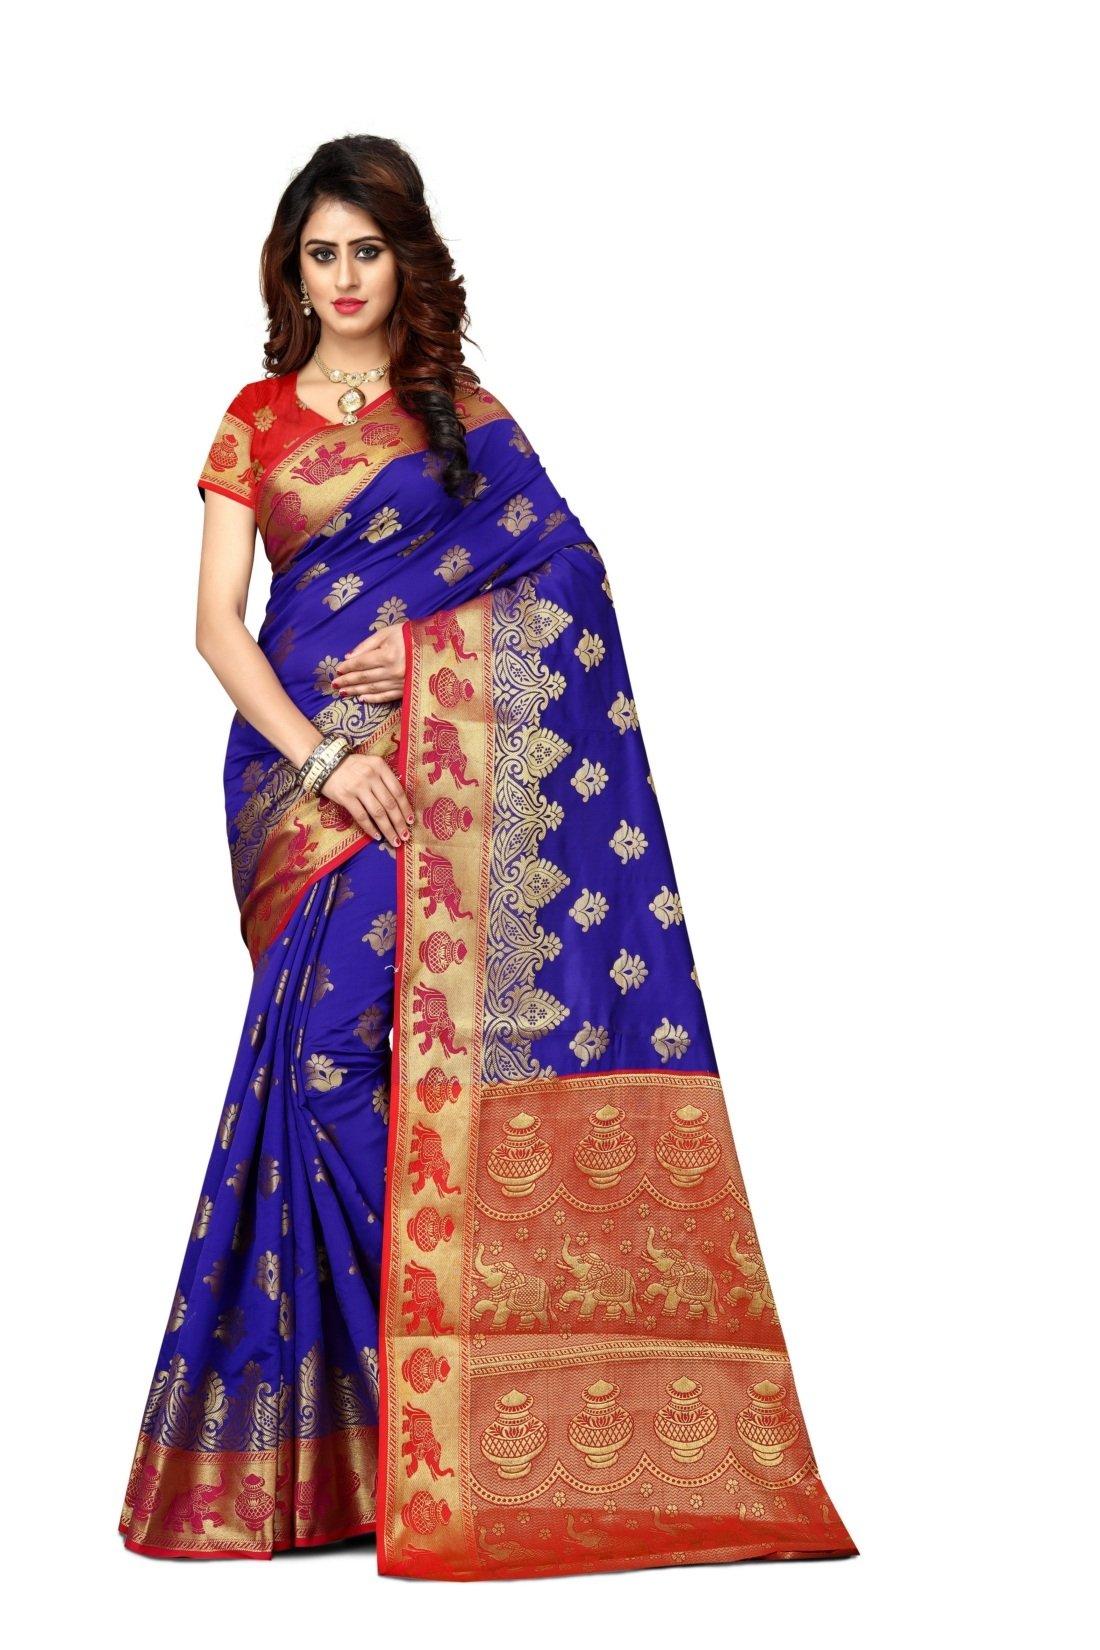 Sarees Women's Jasmin Banarasi Art Silk Woven Work Saree l Indian Wedding Ethnic Sari & Blouse Piece (Blue)